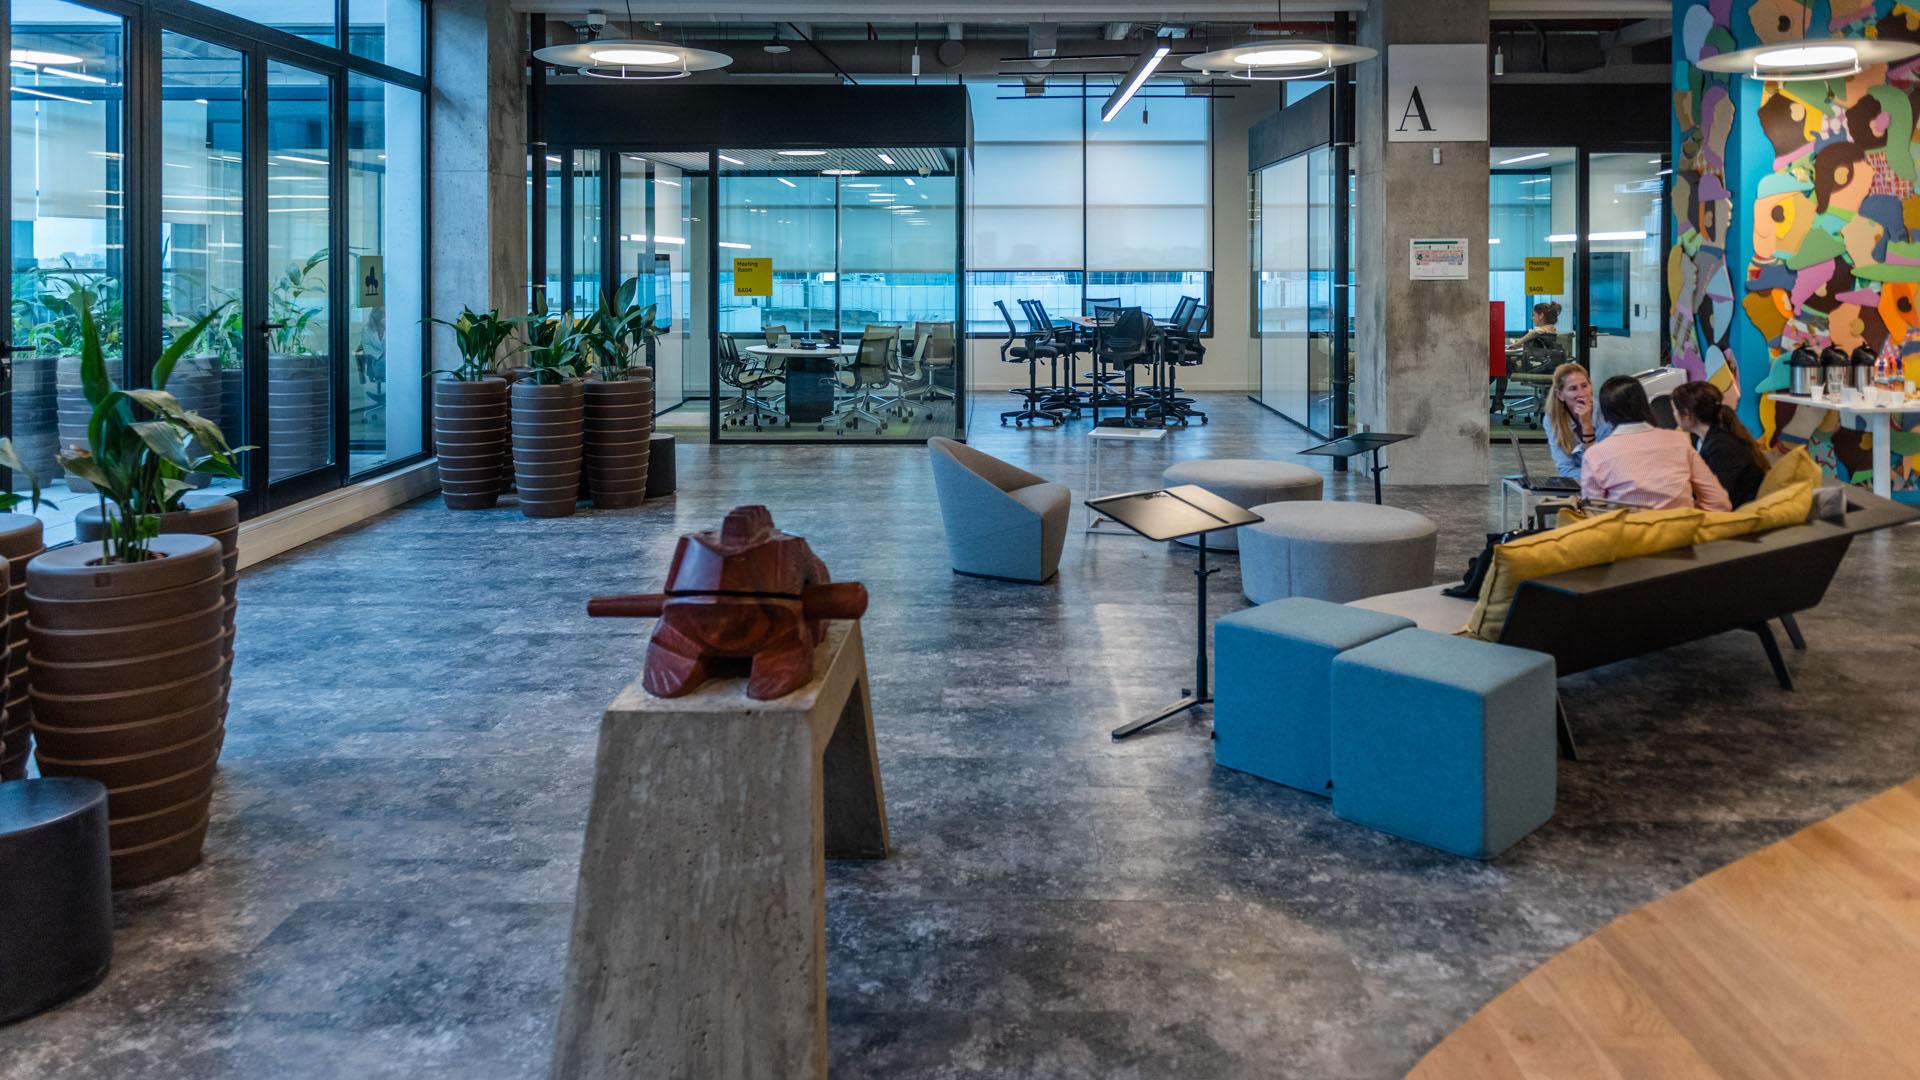 El nuevo Centro de Desarrollo se suma a los seis del interior del país y al de la Ciudad de Buenos Aires donde trabajan en total 2.424 profesionales de IT que son responsables de desarrollar todo el software de la plataforma